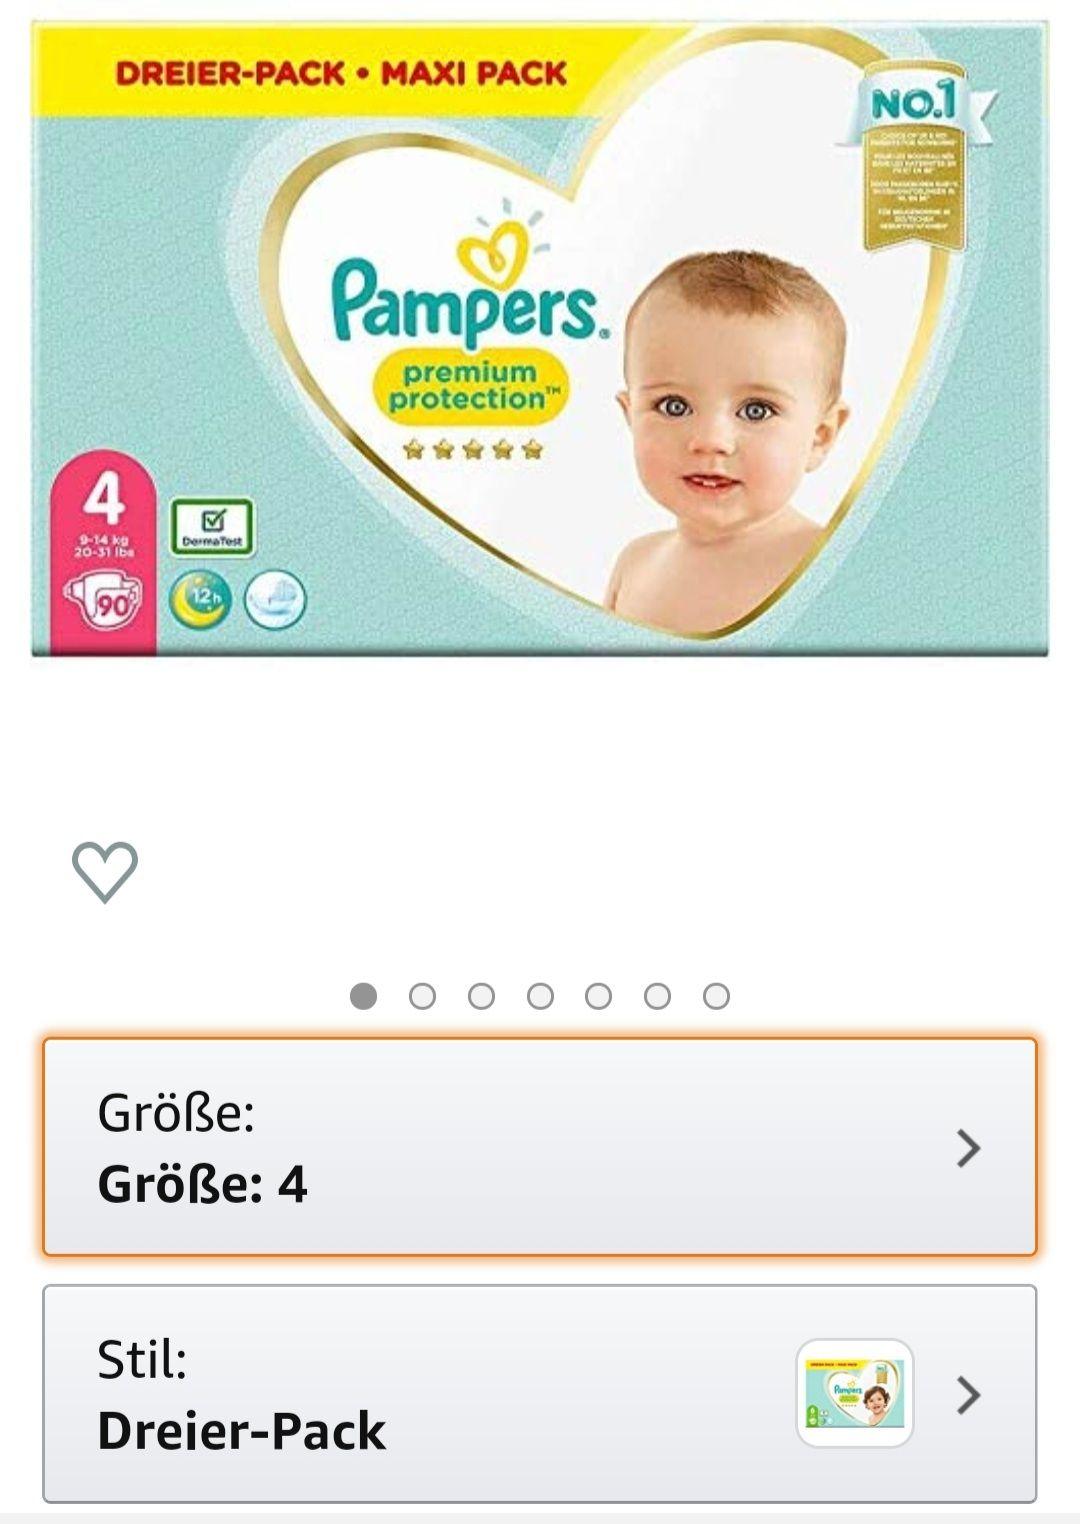 Pampers Dreier Pack (ausgew. Kunden)